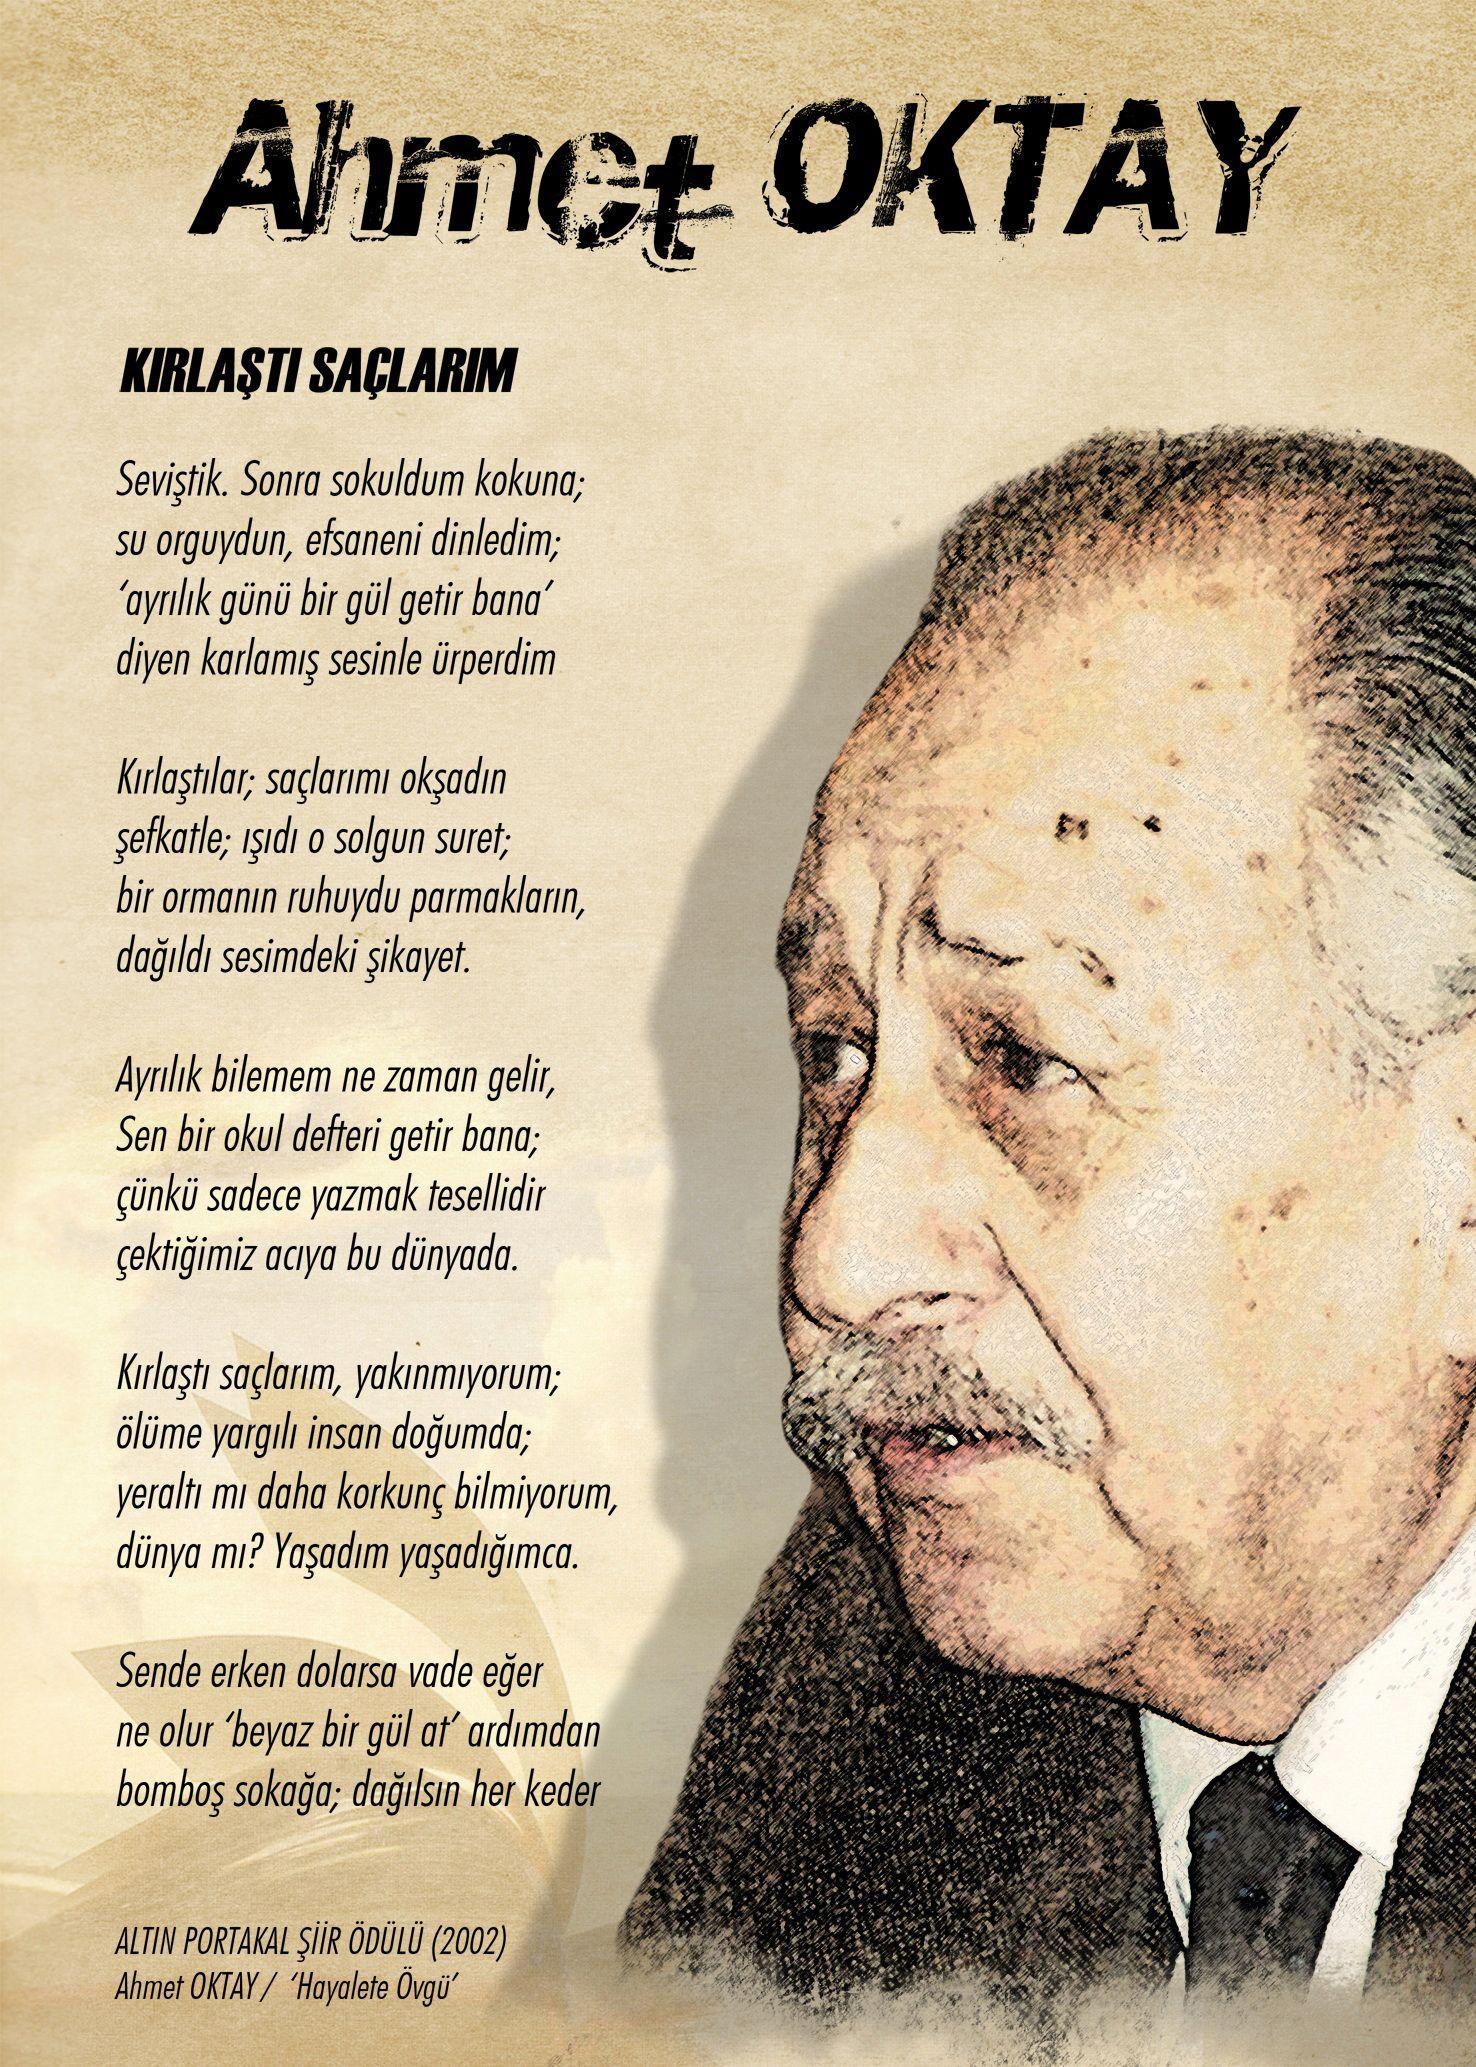 -Ahmet Oktay